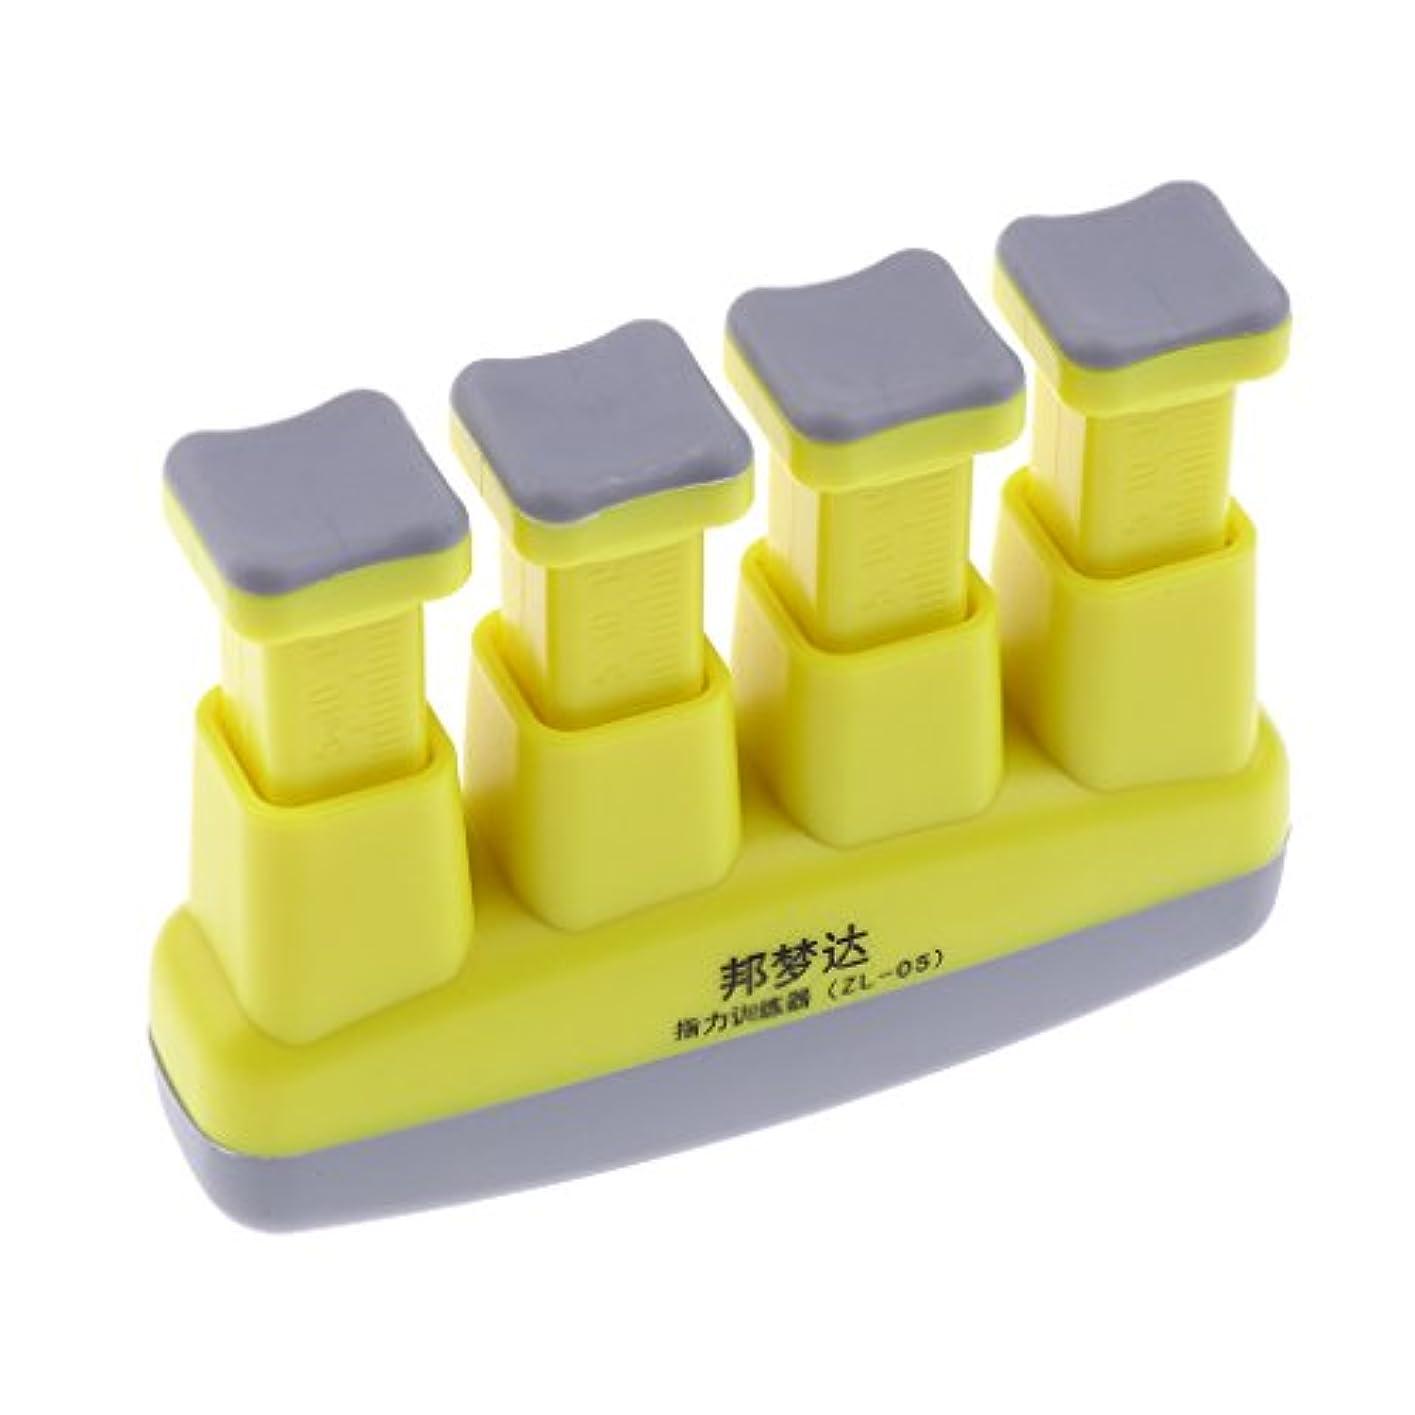 Perfk ハンドグリップ ハンドトレーナー エクササイザ 4-6ポンド 調節可 ハンドトレーニング 便利